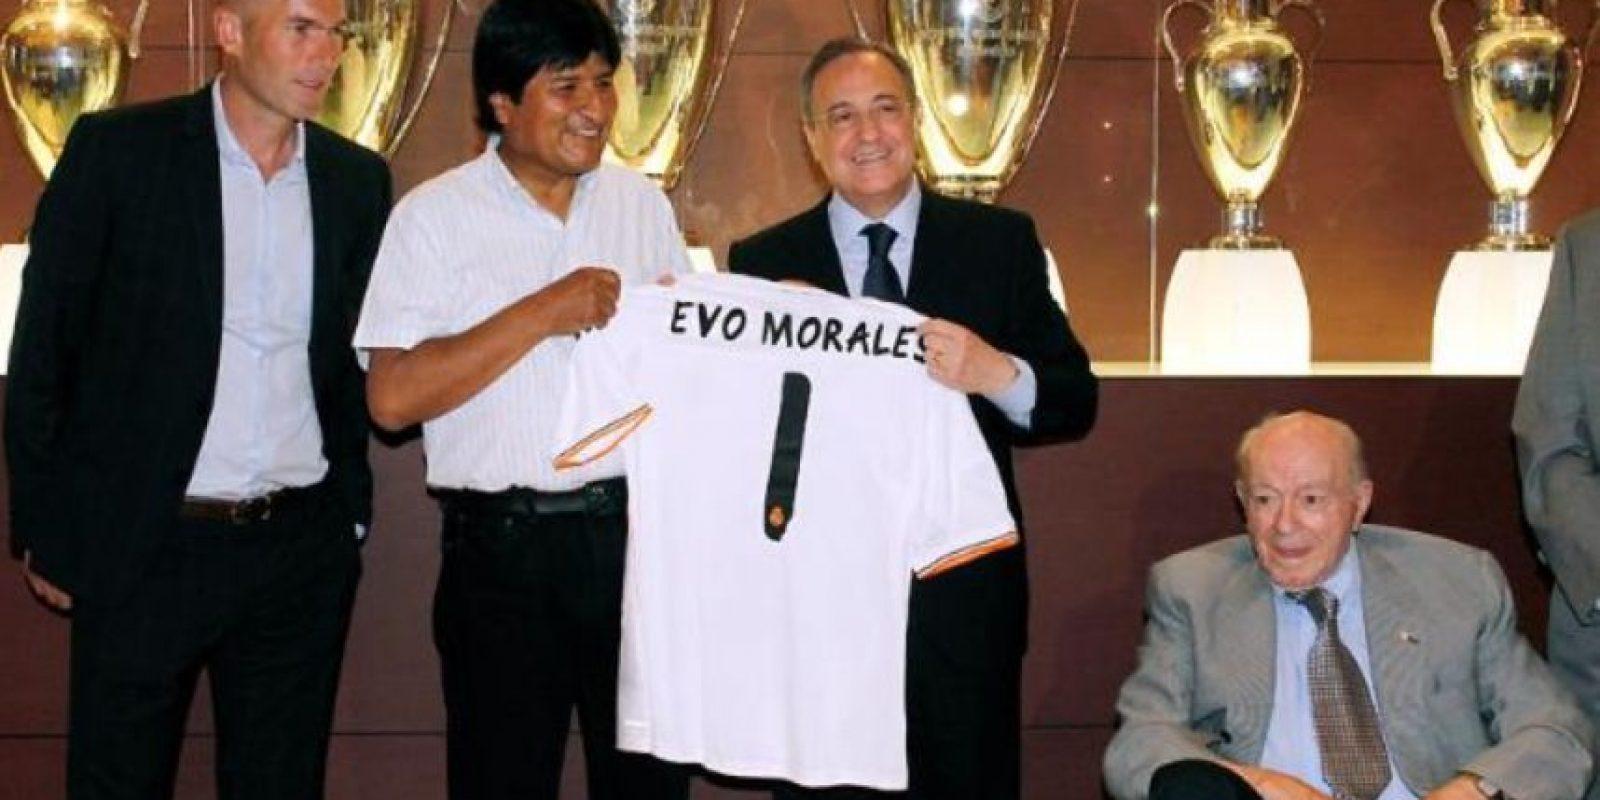 Evo Morales, presidente de Bolivia, visitó las oficinas del Real Madrid y recibió una camiseta con su nombre. Foto:Real Madrid